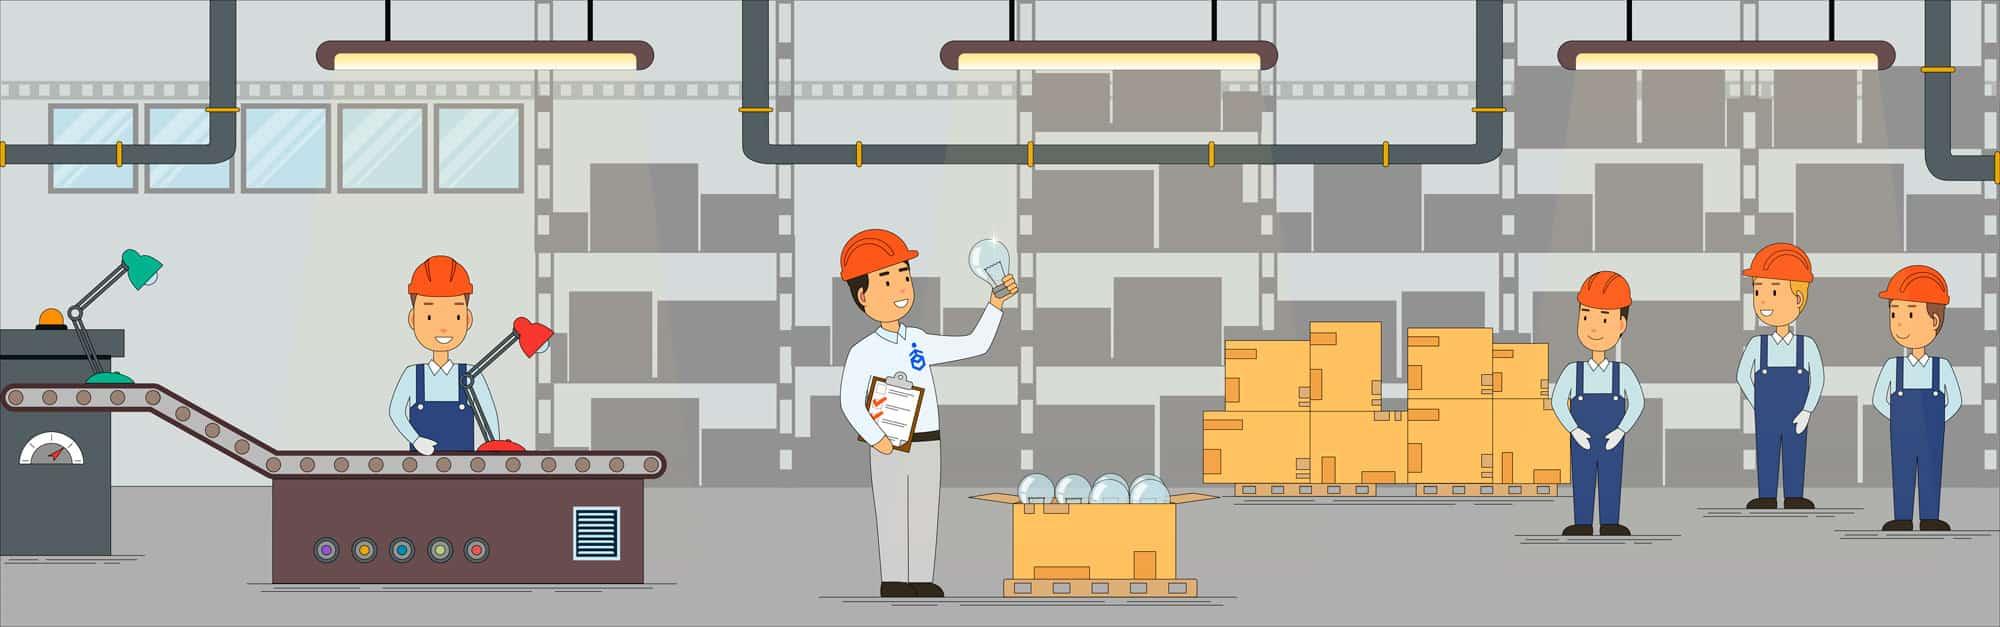 qc-inspection-gi